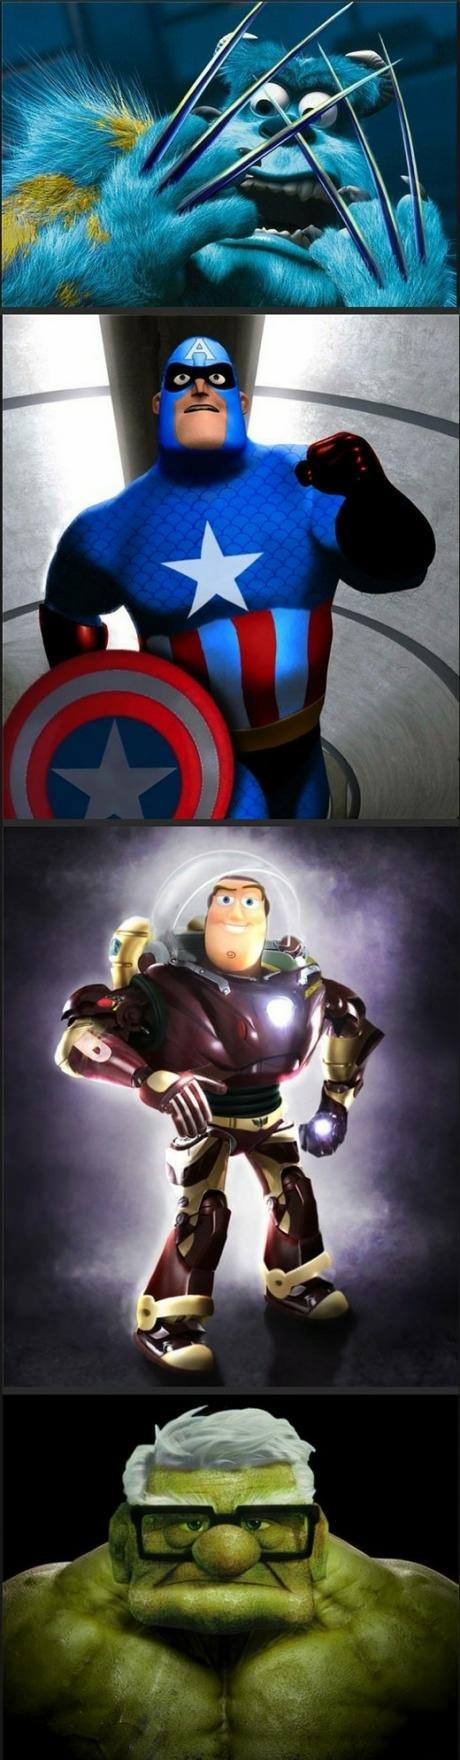 Pixar vs. Marvel